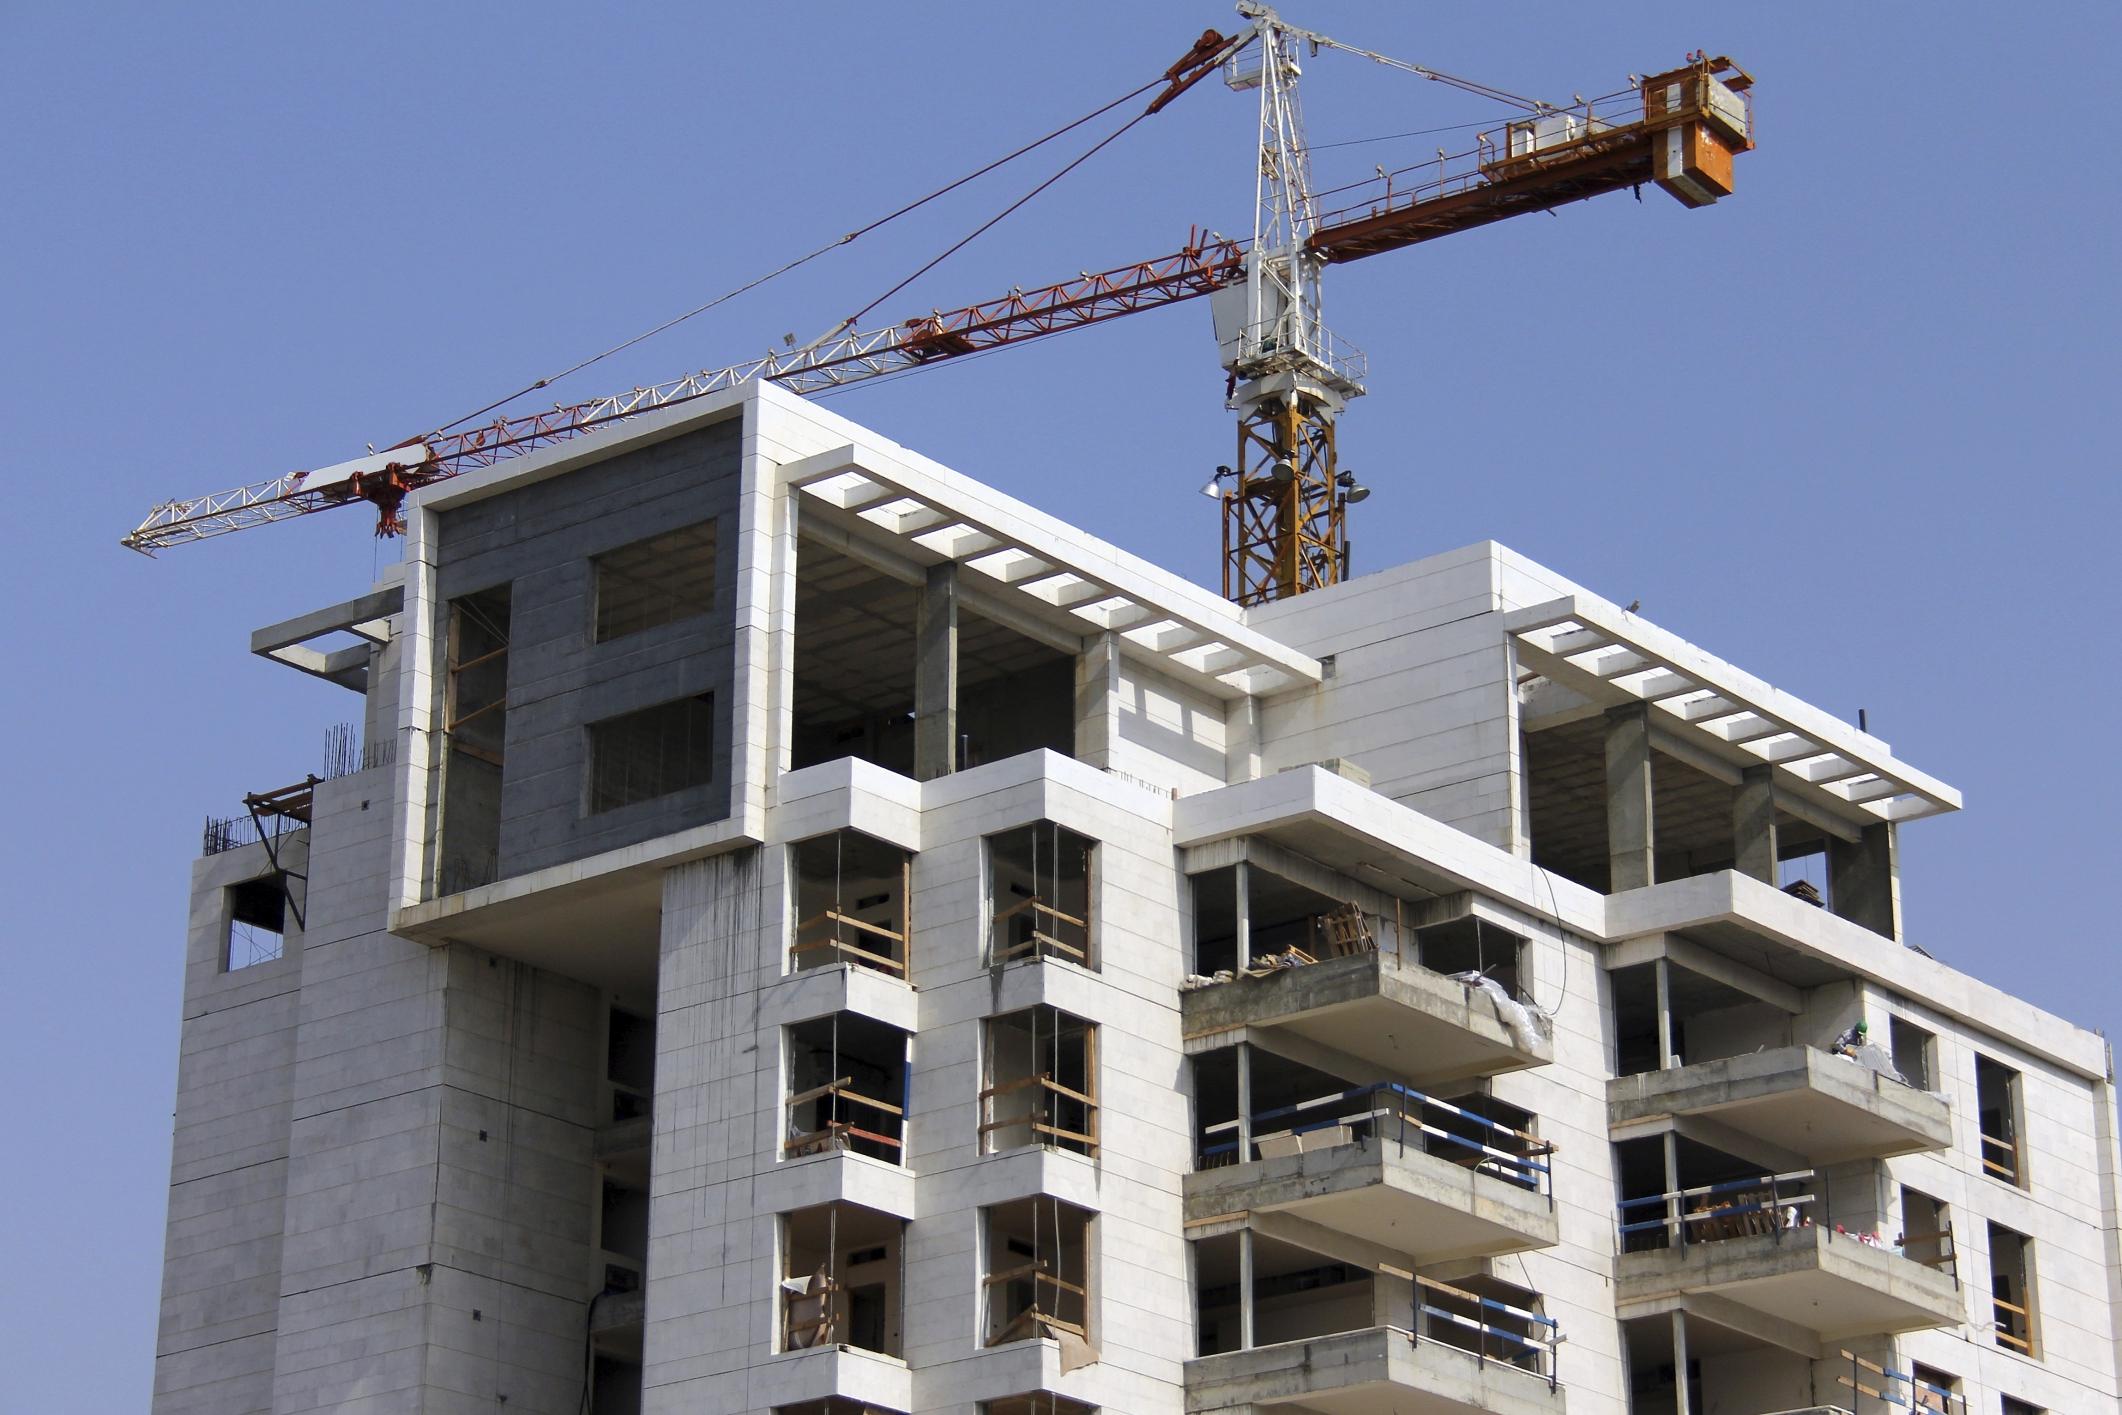 Investissement locatif : un assouplissement de la fiscalité avec le dispositif Pinel